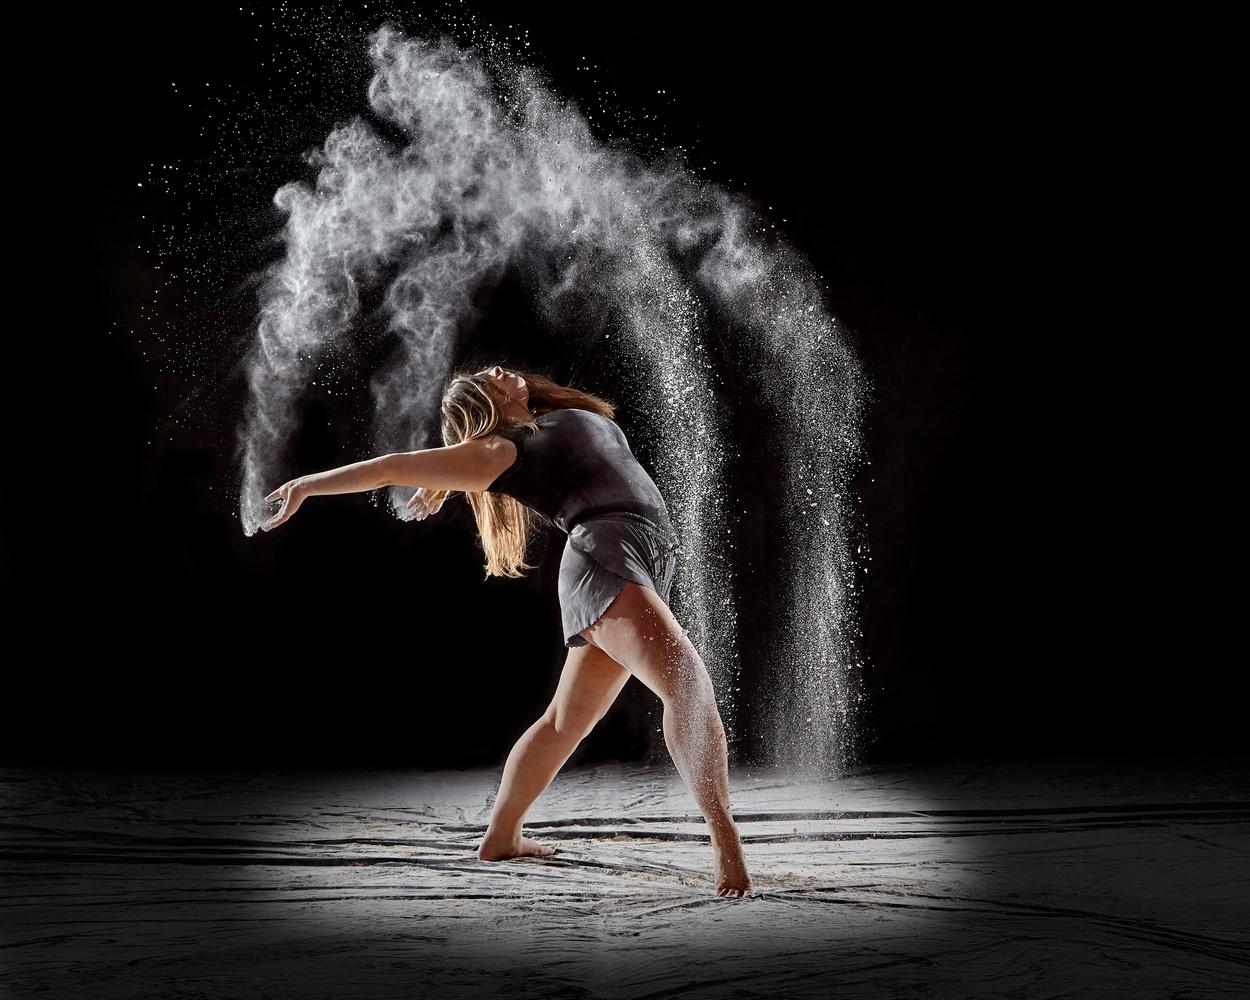 Flour Dance by Hank Rintjema